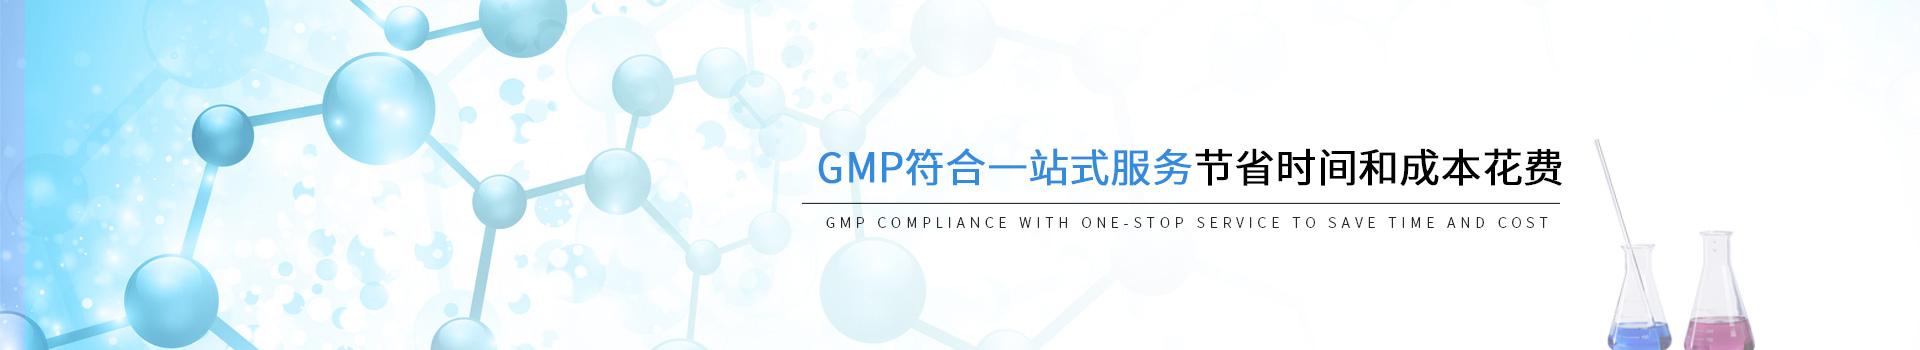 GMP符合一站式服务      节省时间和成本花费